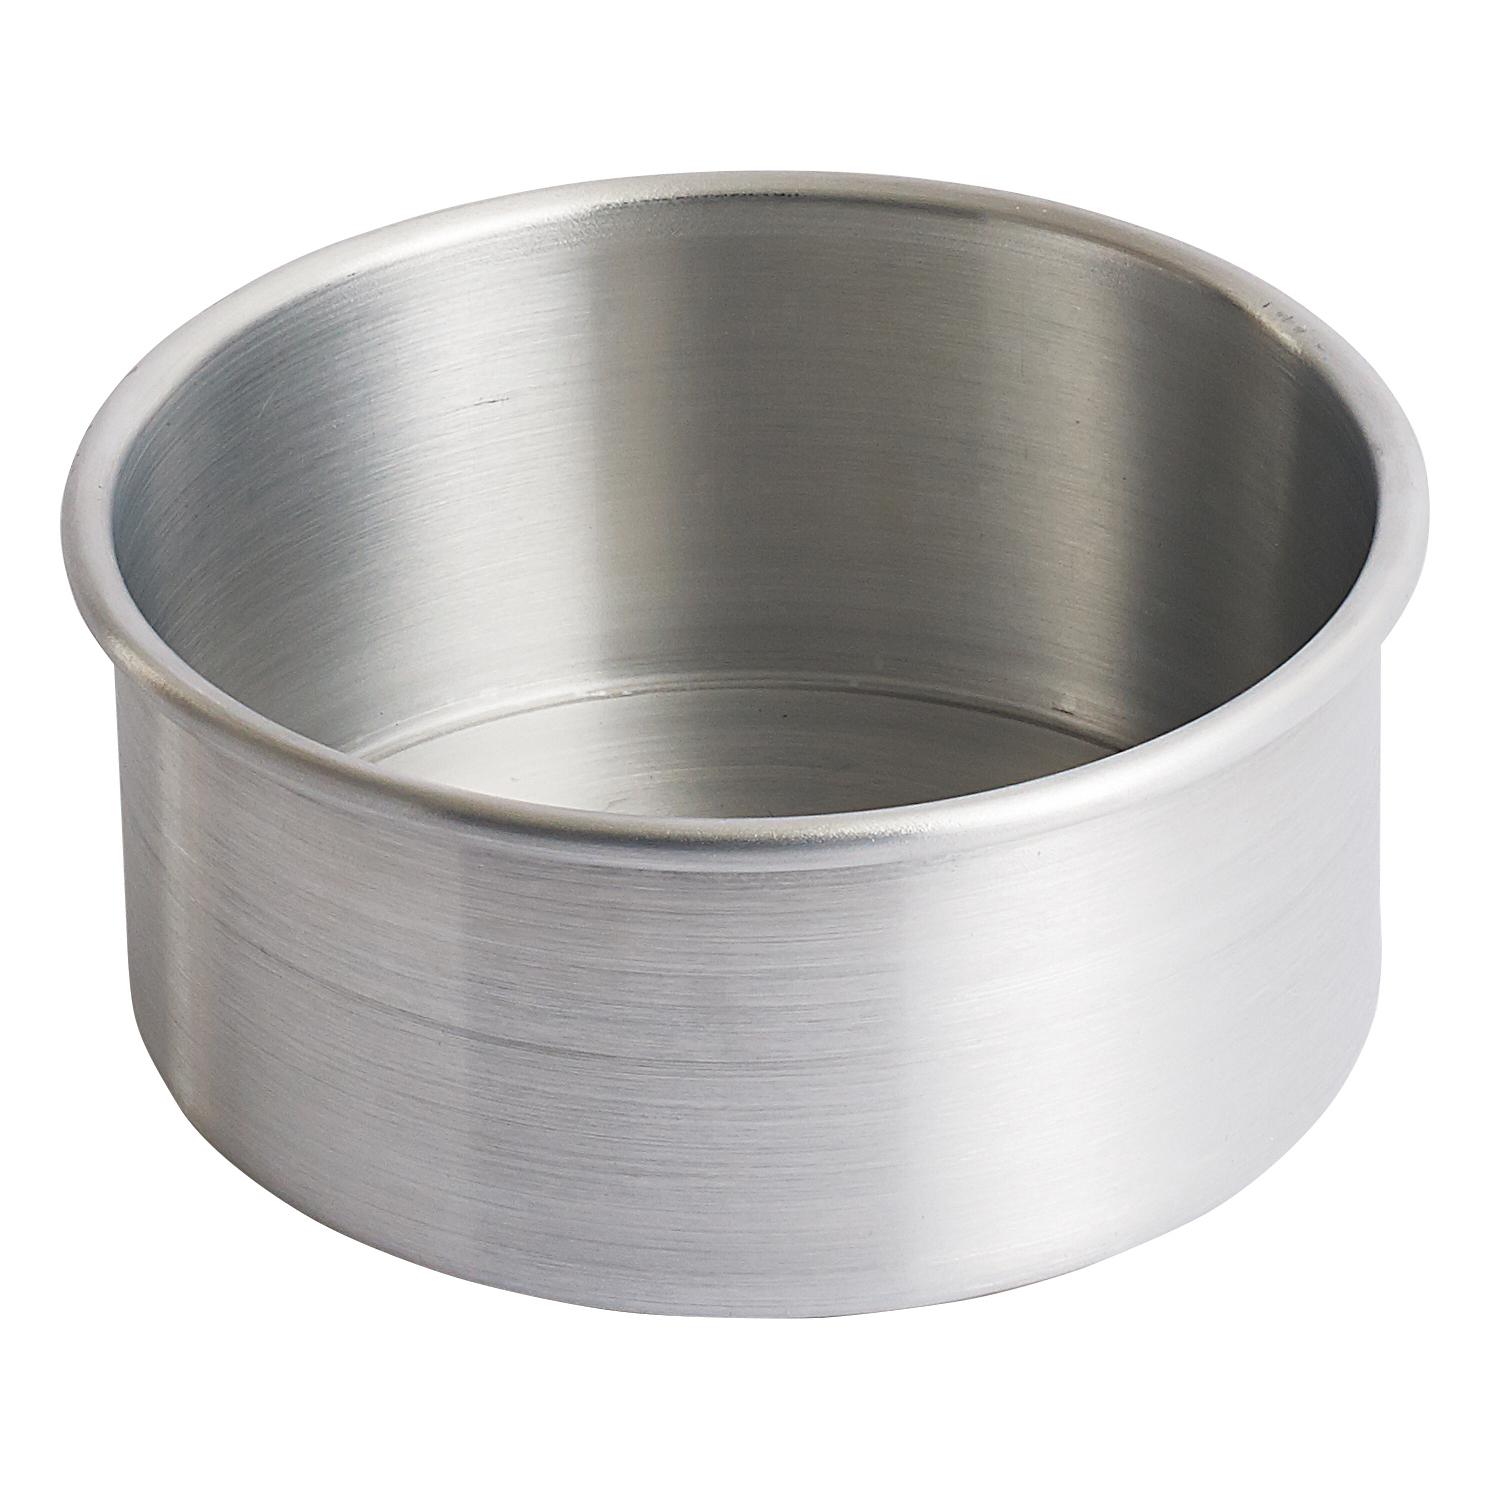 Winco ACP-063 cake pan